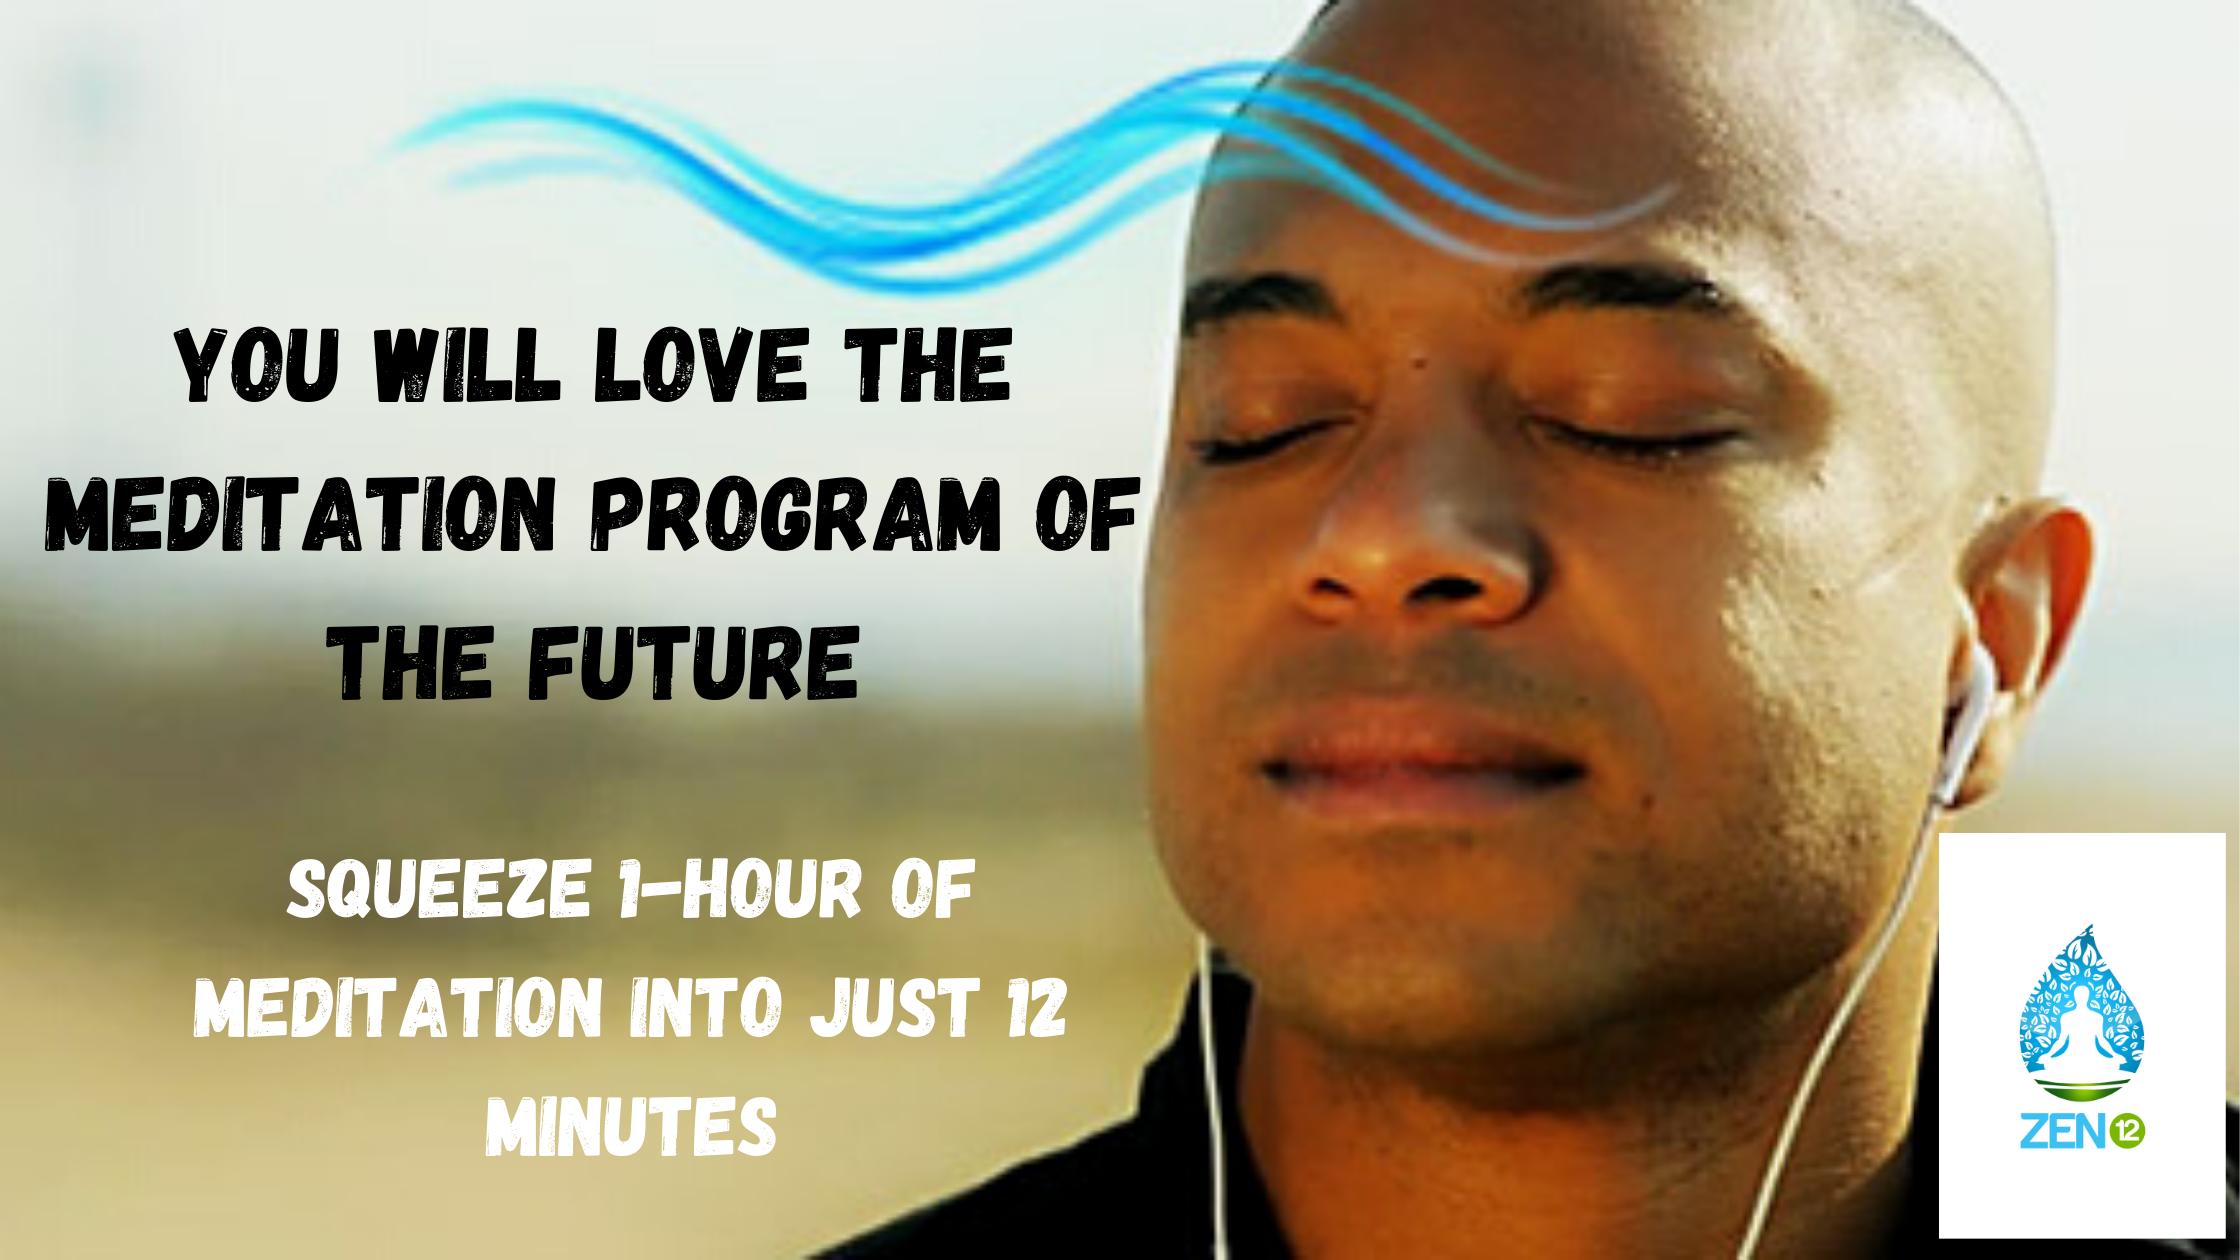 Zen12 a meditation program